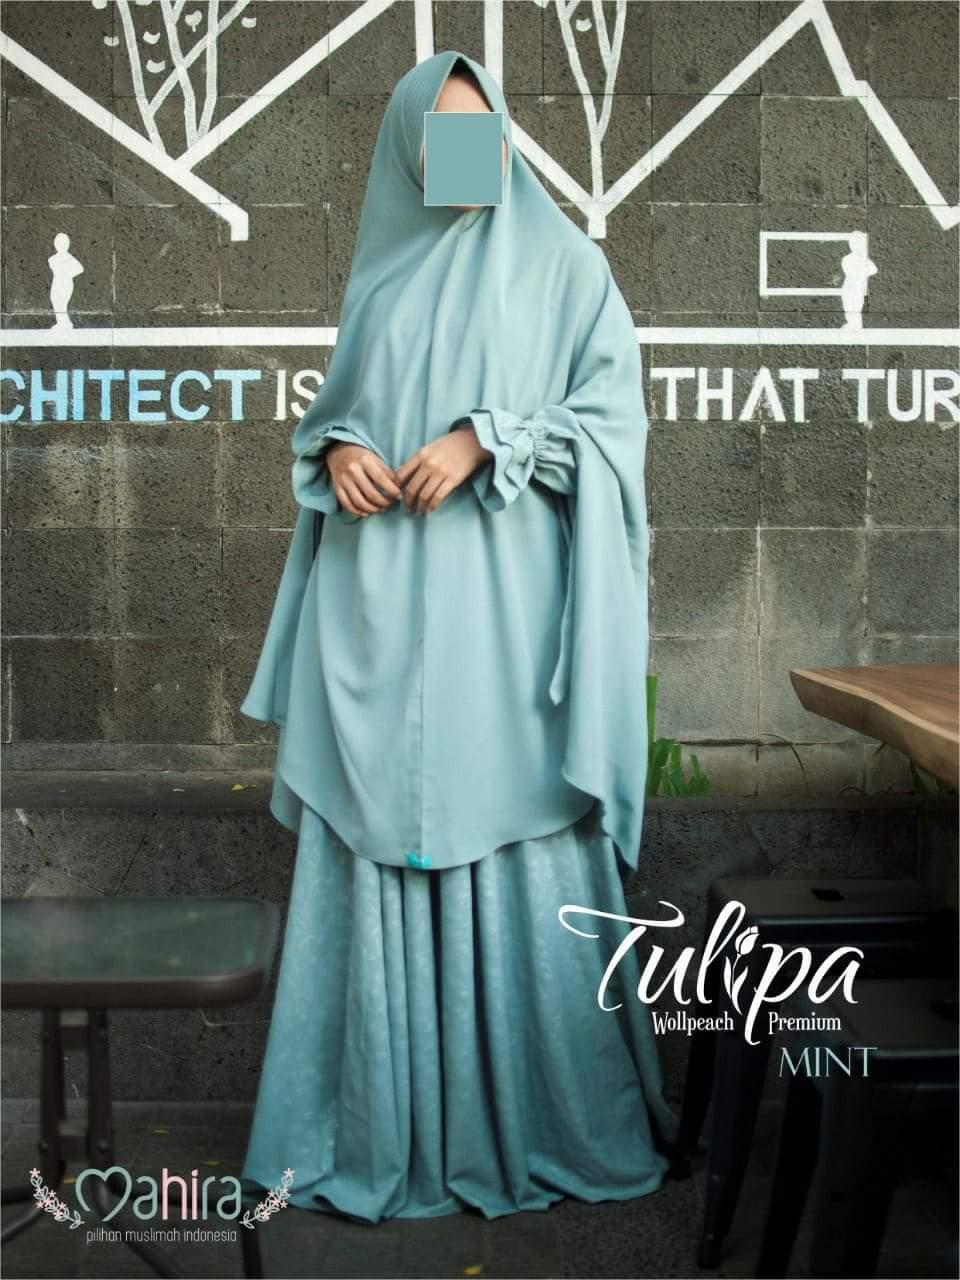 Mahira Tulipa Wollpeach Premium Mint